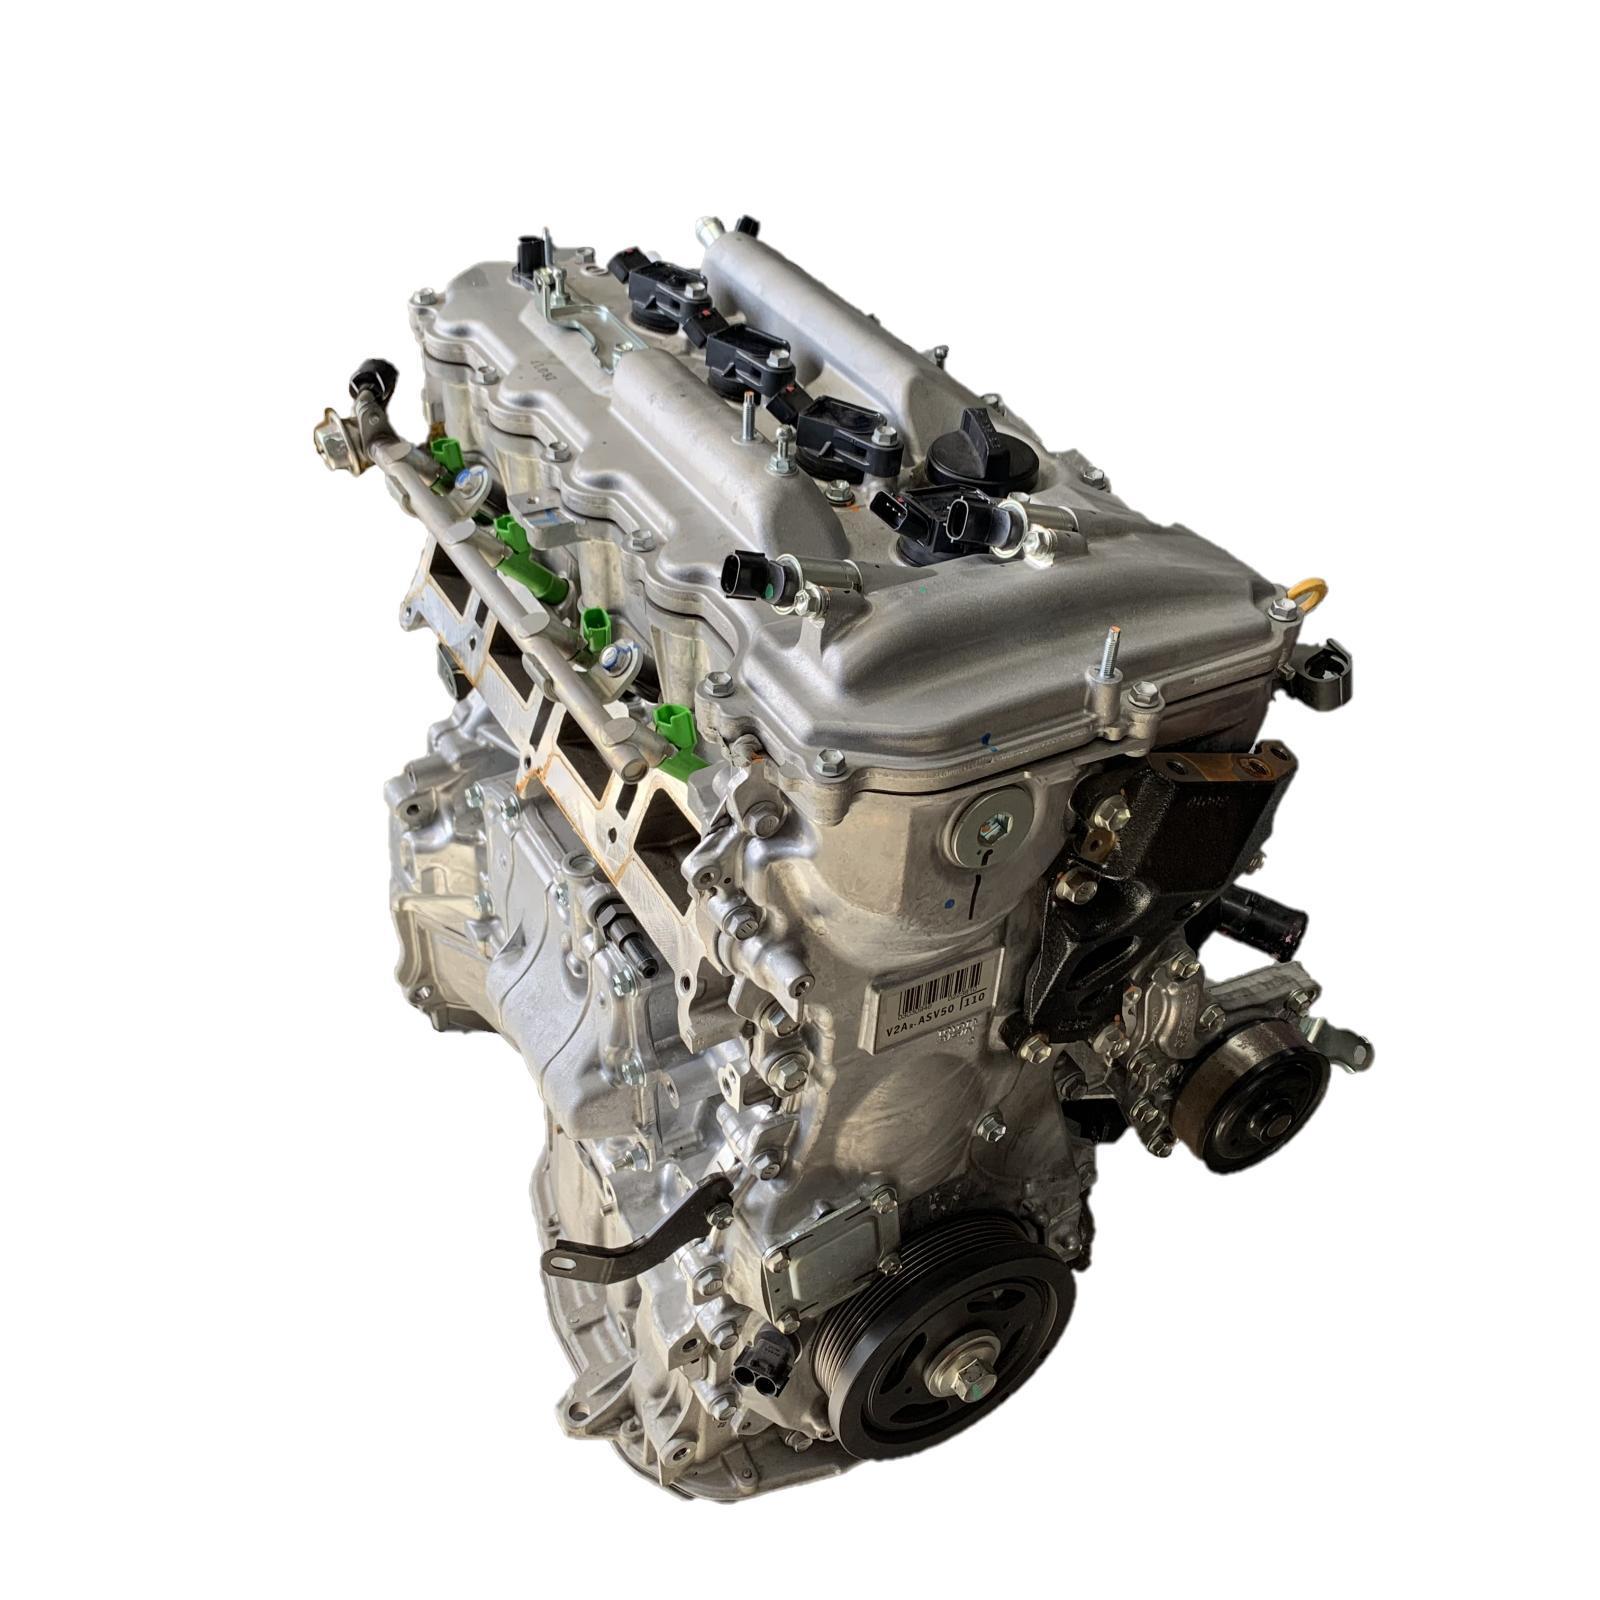 TOYOTA CAMRY, Engine, 2.5, 2AR-FE, ACV50, 12/11-10/17